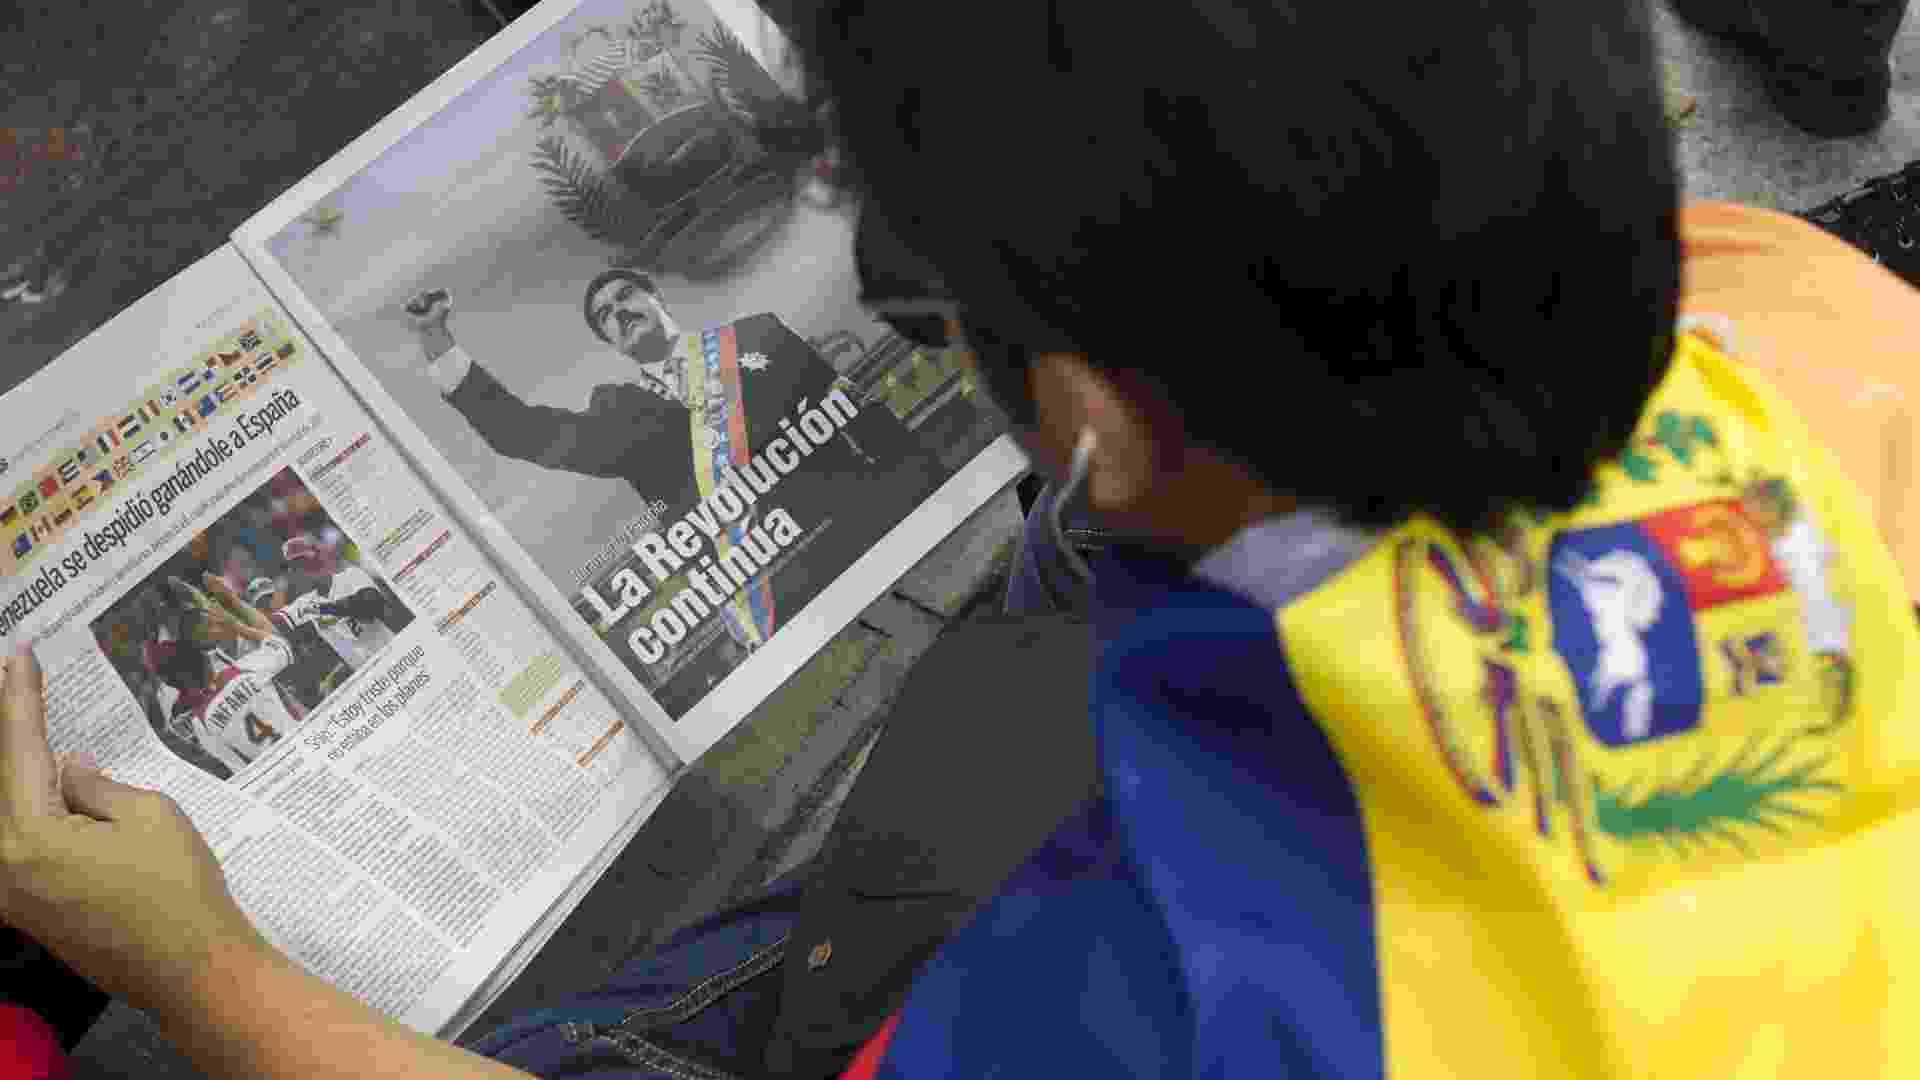 11.mar.2013 - Apoiador do ex-presidente da Venezuela, Hugo Chávez, lê publicidade política oficial durante concentração nesta segunda-feira (11) no centro de Caracas para apoiar o presidente interino Nicolás Maduro, que realiza a formalização de sua candidatura à presidência da Venezuela - Boris Vergara/EFE